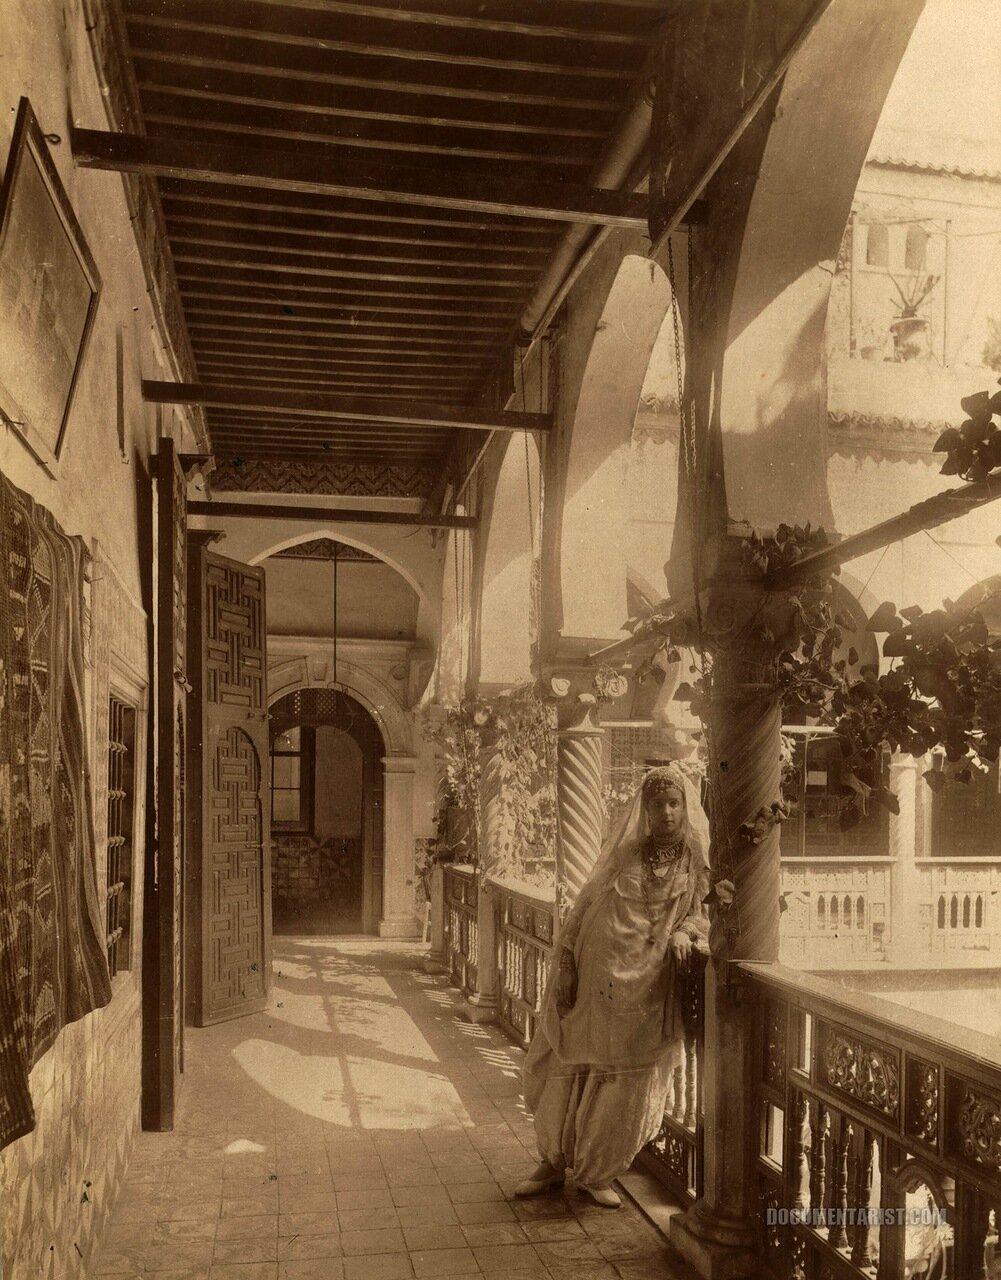 1880. Женщина в галерее с видом на внутренний двор